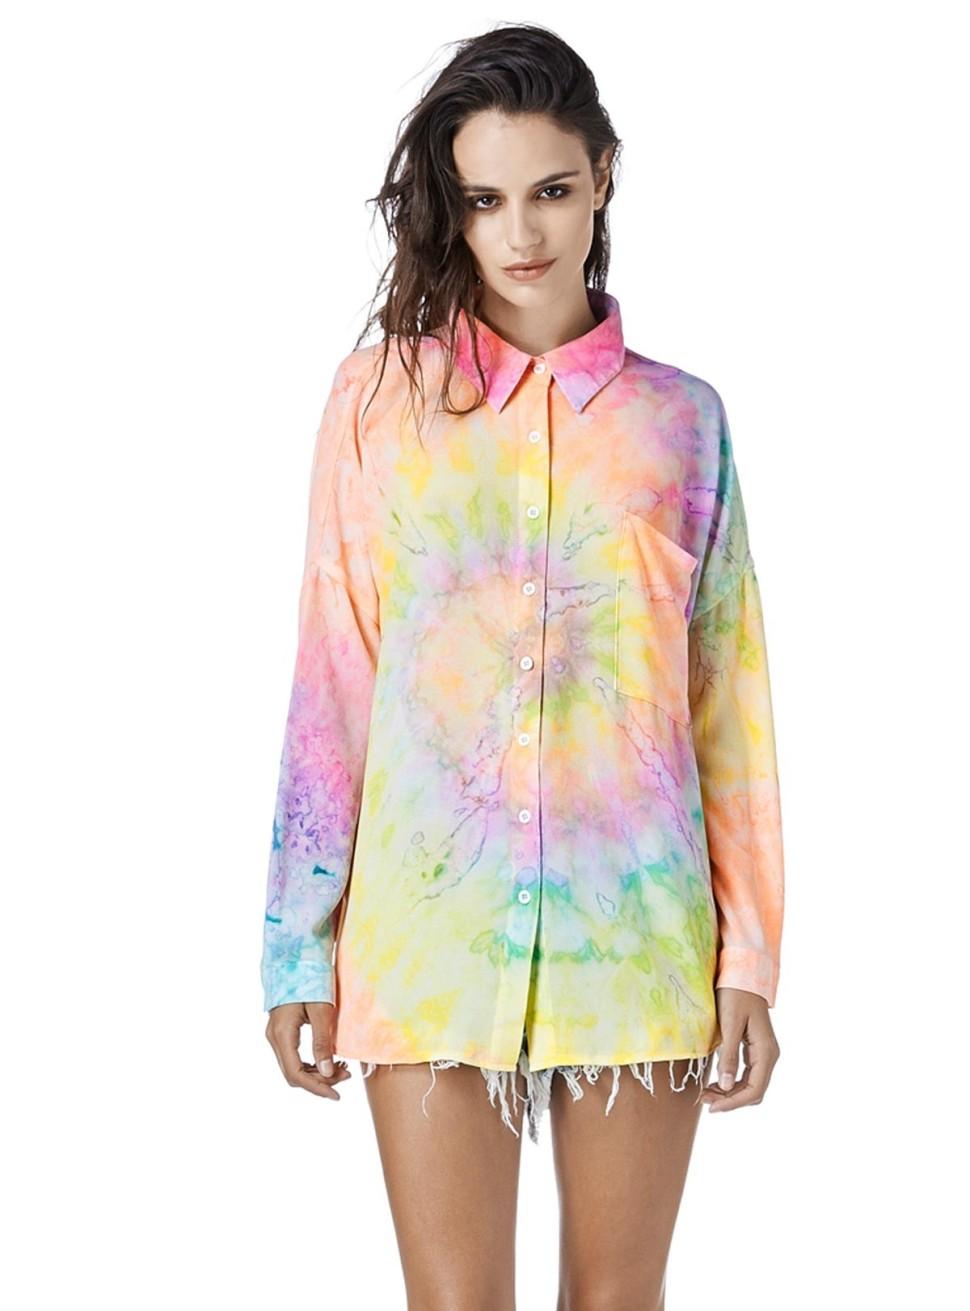 unif_trip_blouse_1